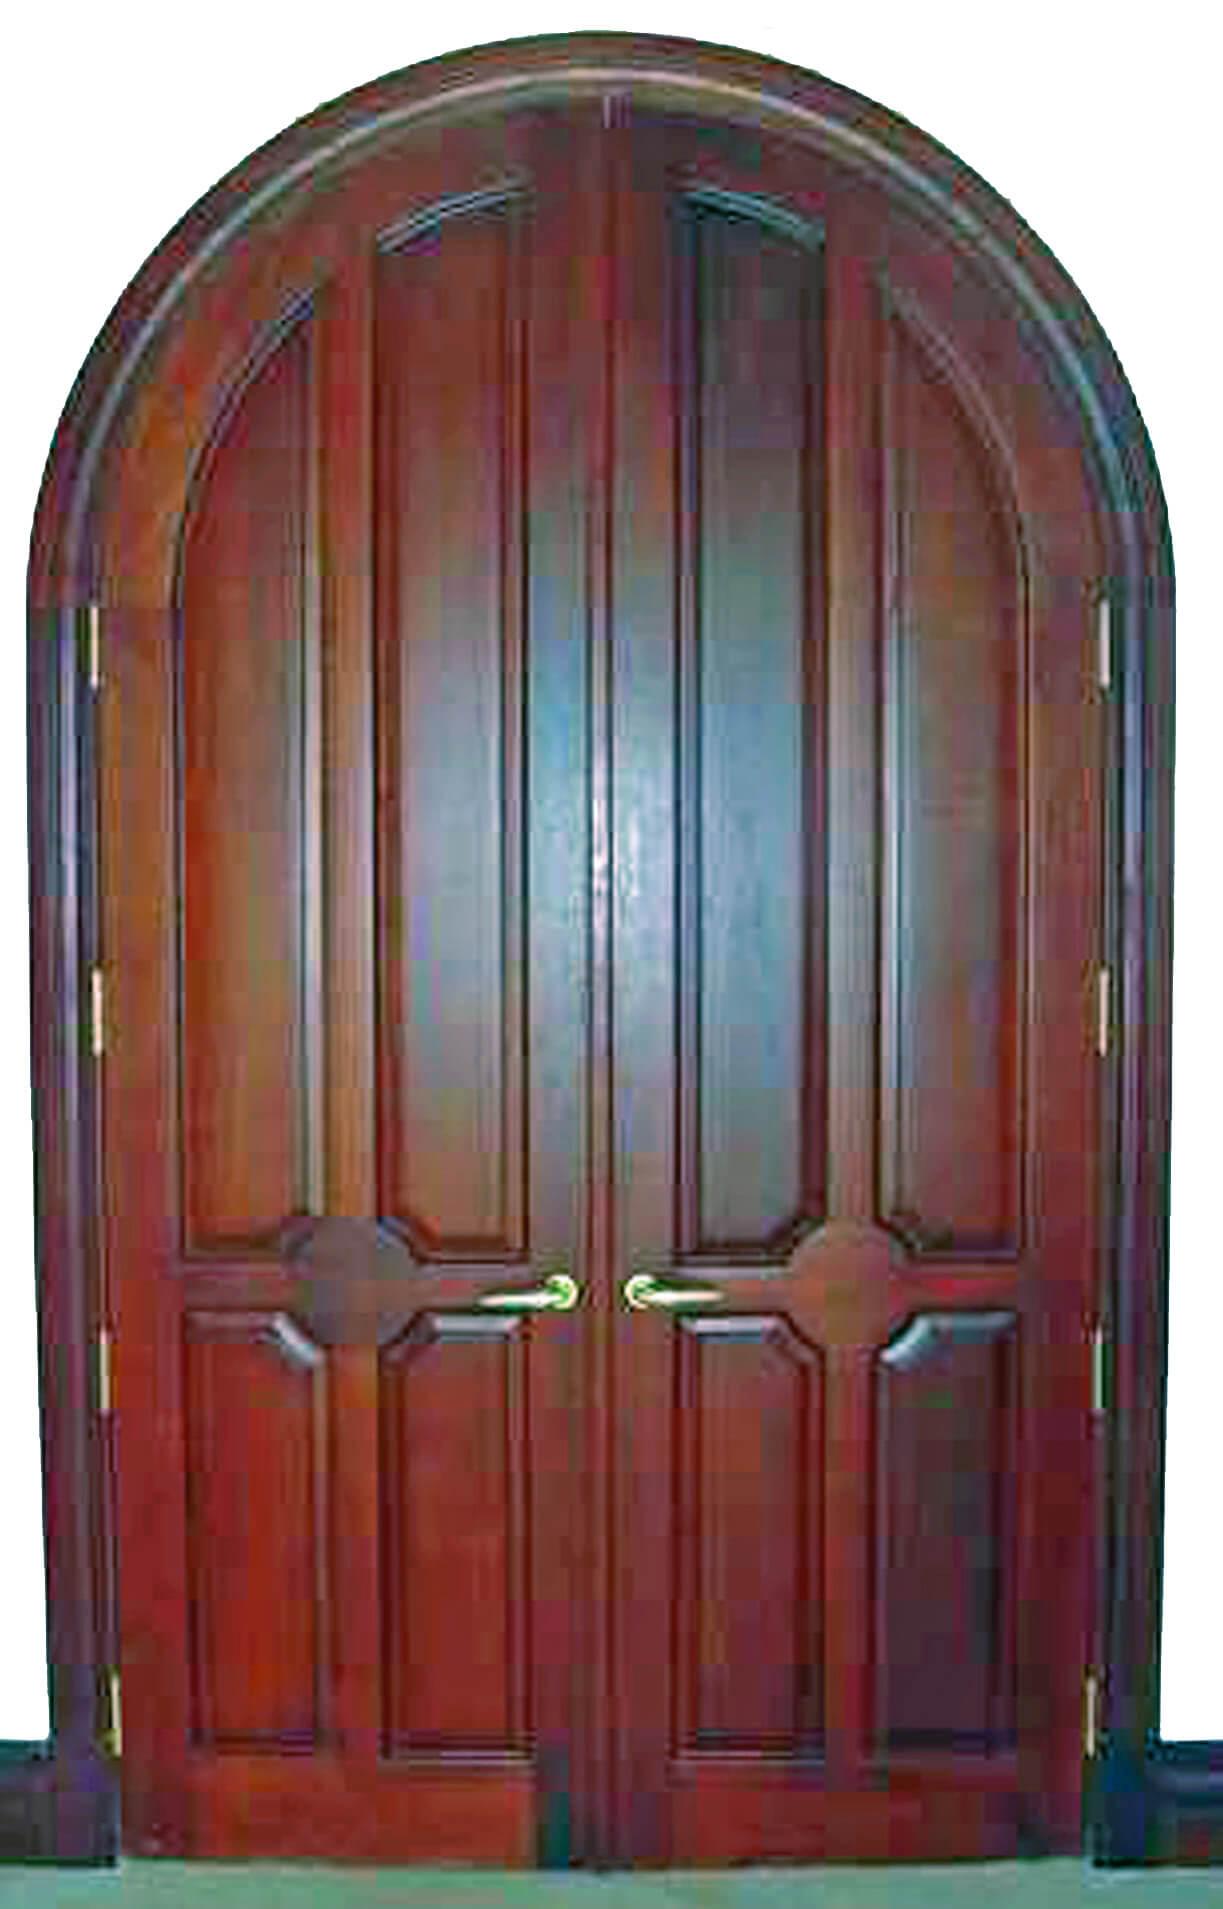 BAL HARBOUR MAHOGANY ARCH DOOR.